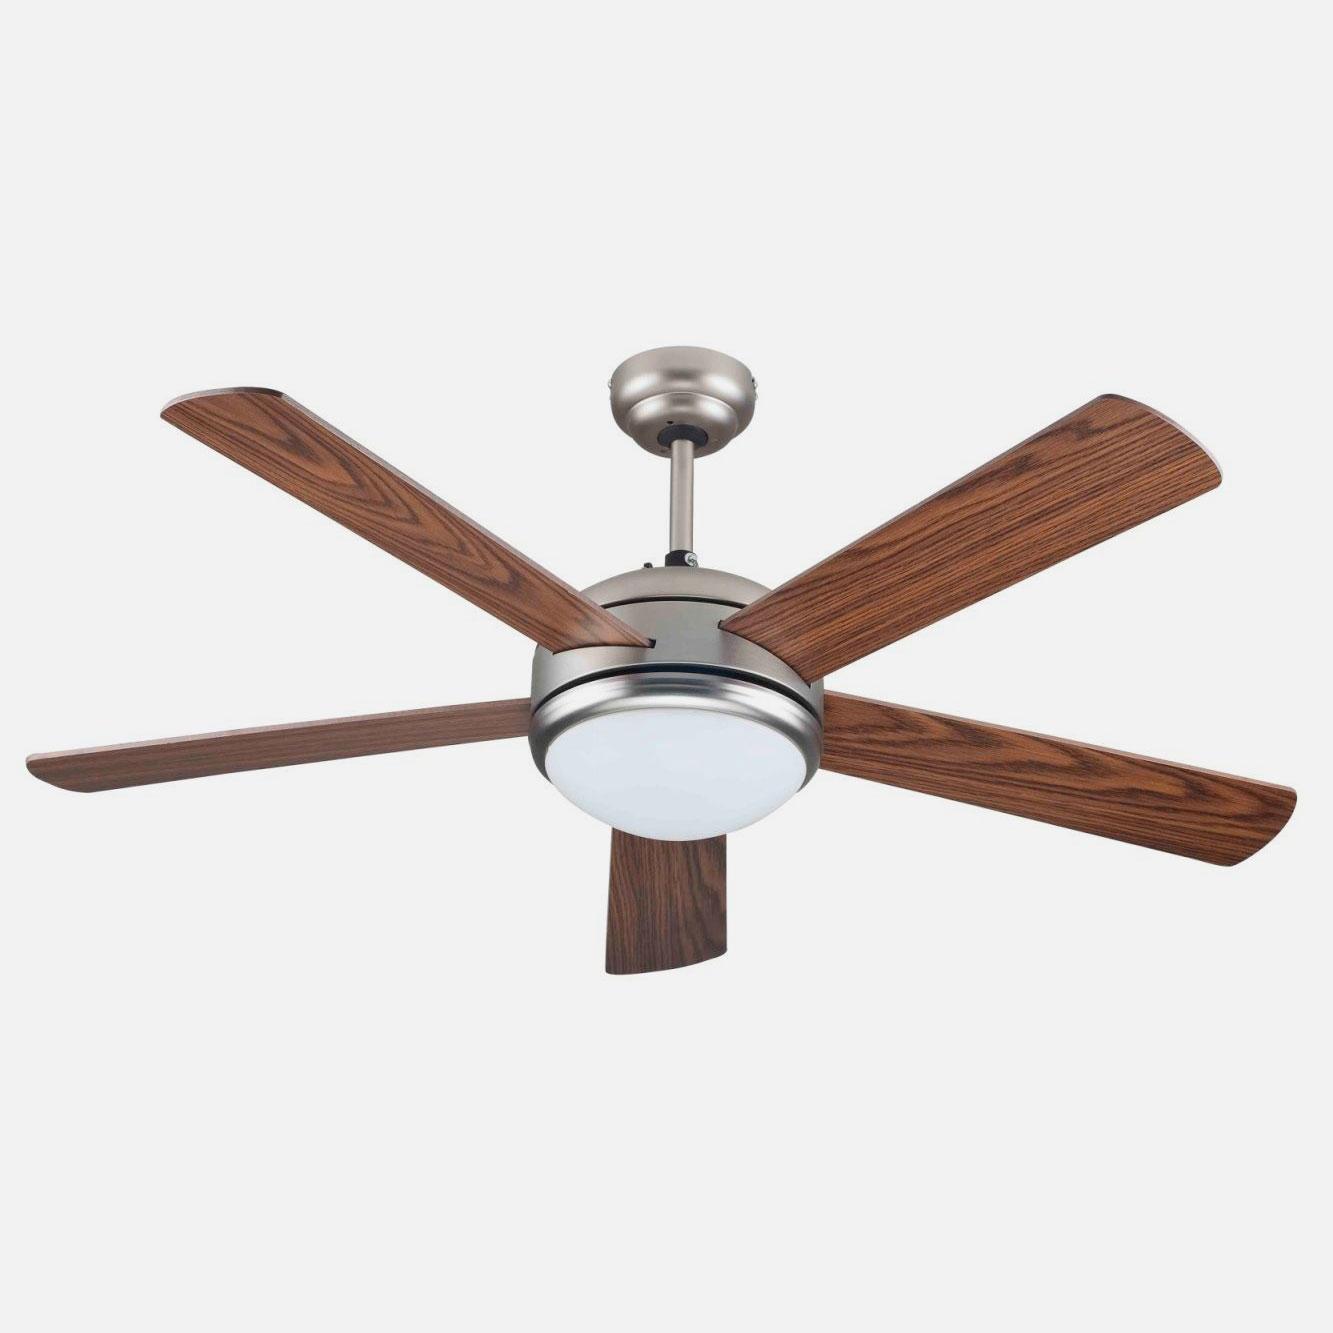 Vortice ventilatore agitatore vortice a soffitto nordik evolution r. Ventilatori Da Soffitto Con Luce Per Sostituire I Lampadari